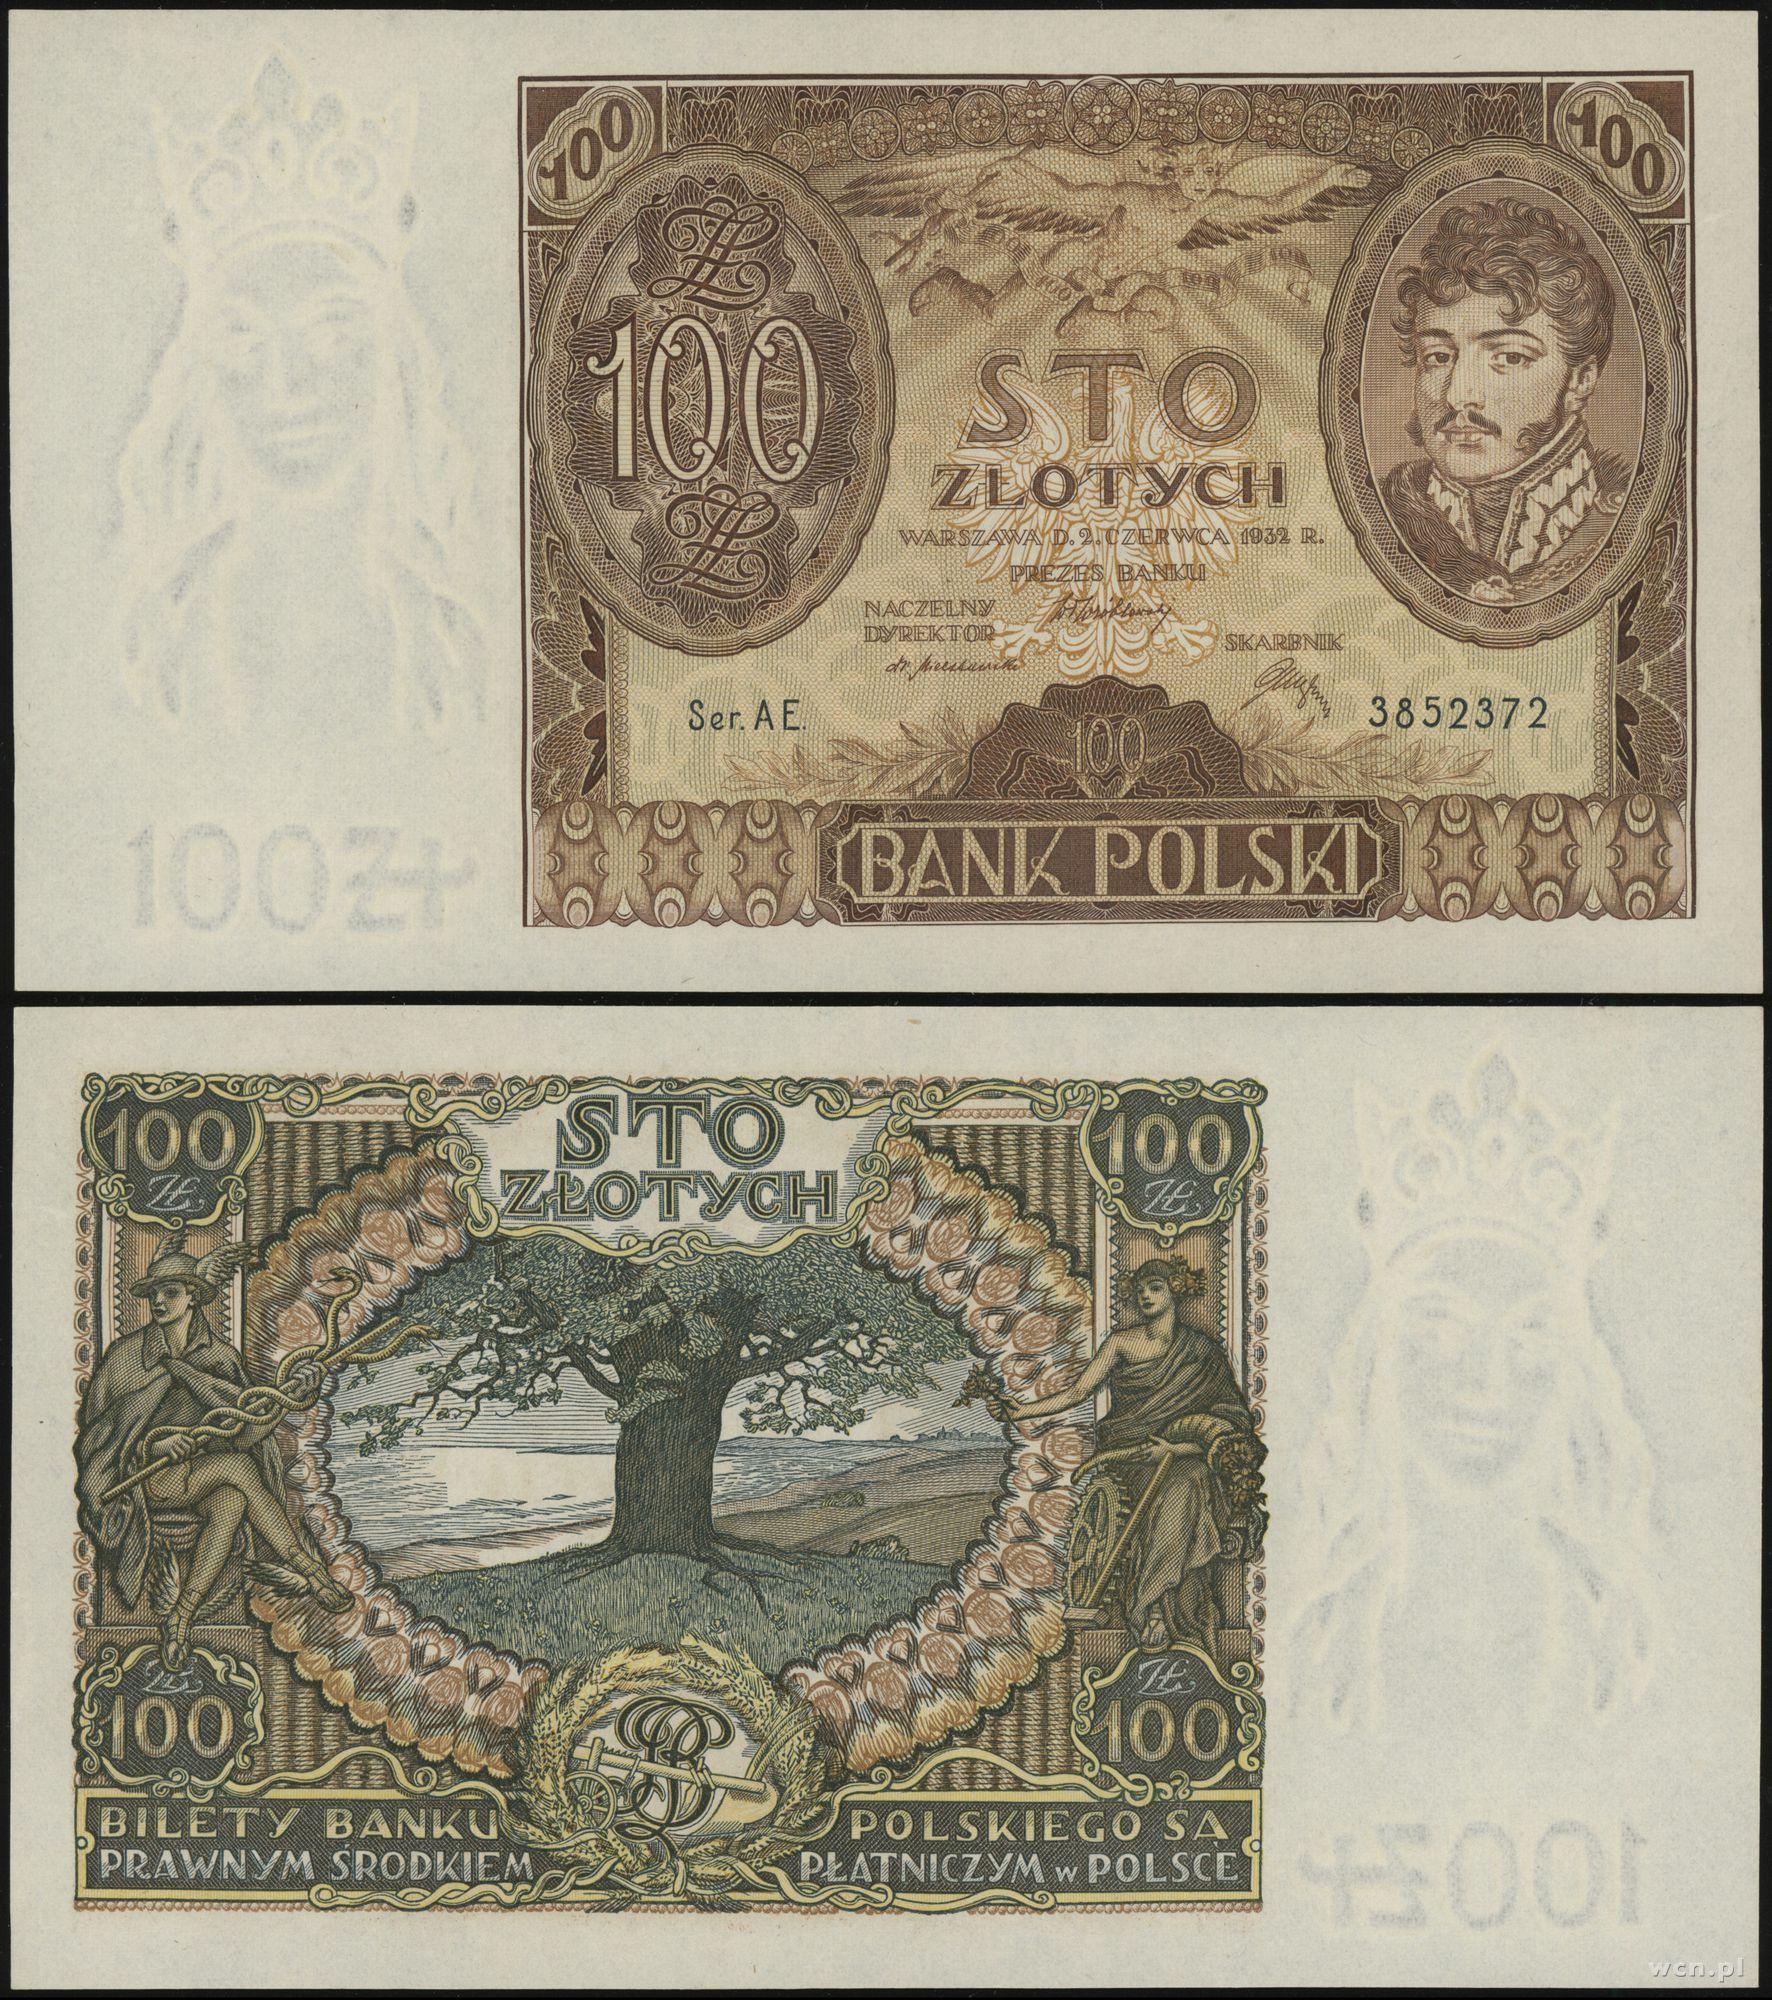 Zaprojektowany przez Józefa Mehoffera banknot stuzłotowy, źródło: Warszawskie Centrum Numizmatyczne